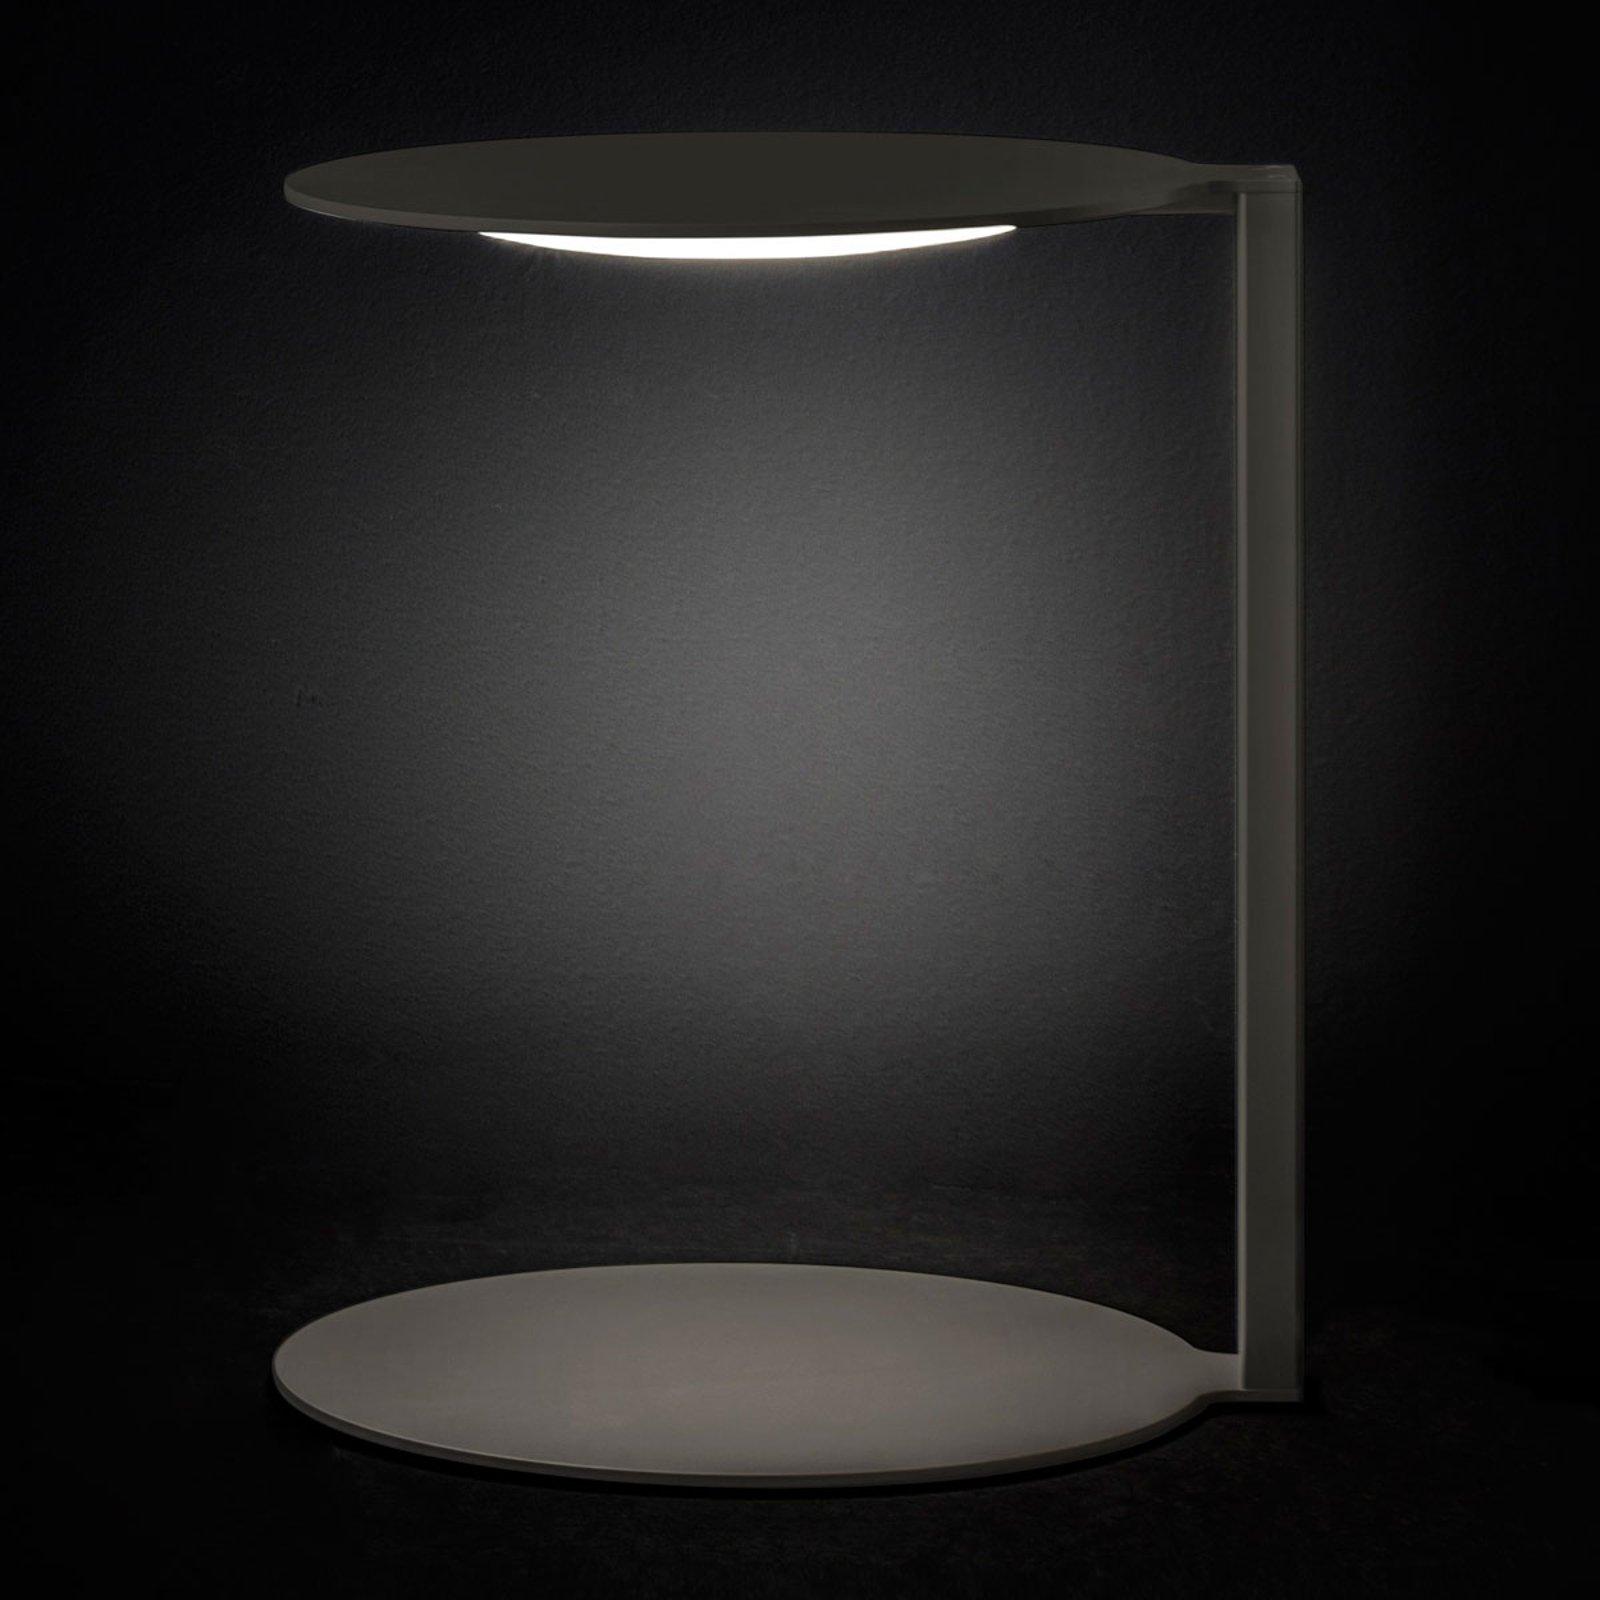 Oluce Duca - mørkegrå LED-designerbordlampe